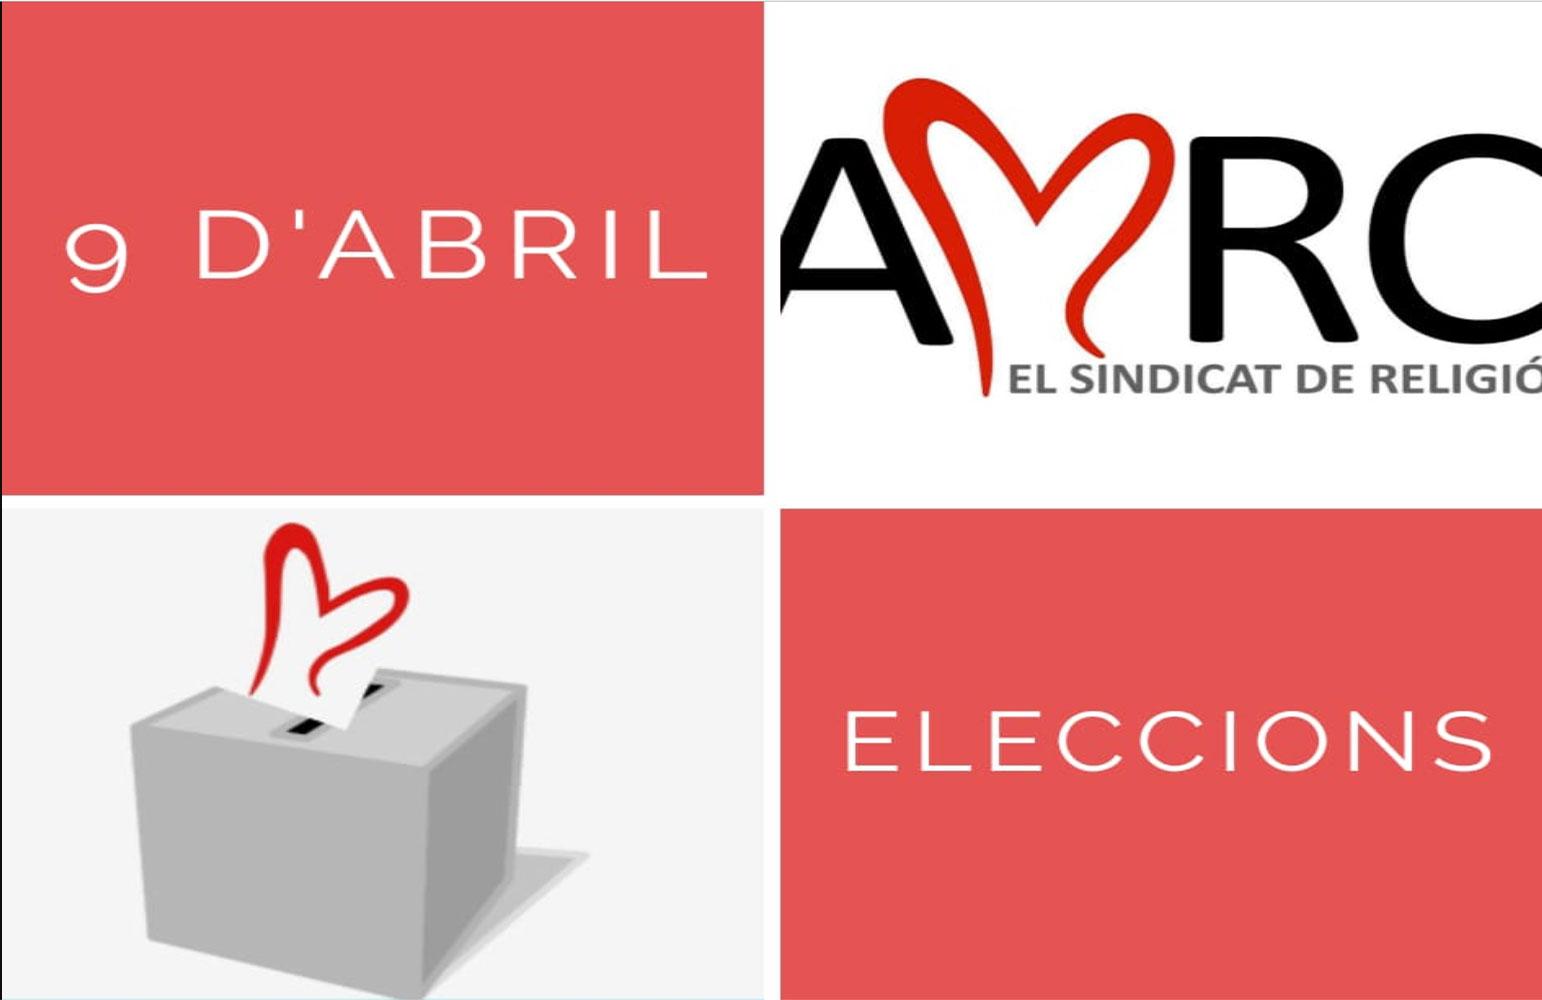 9 d'abril, eleccions